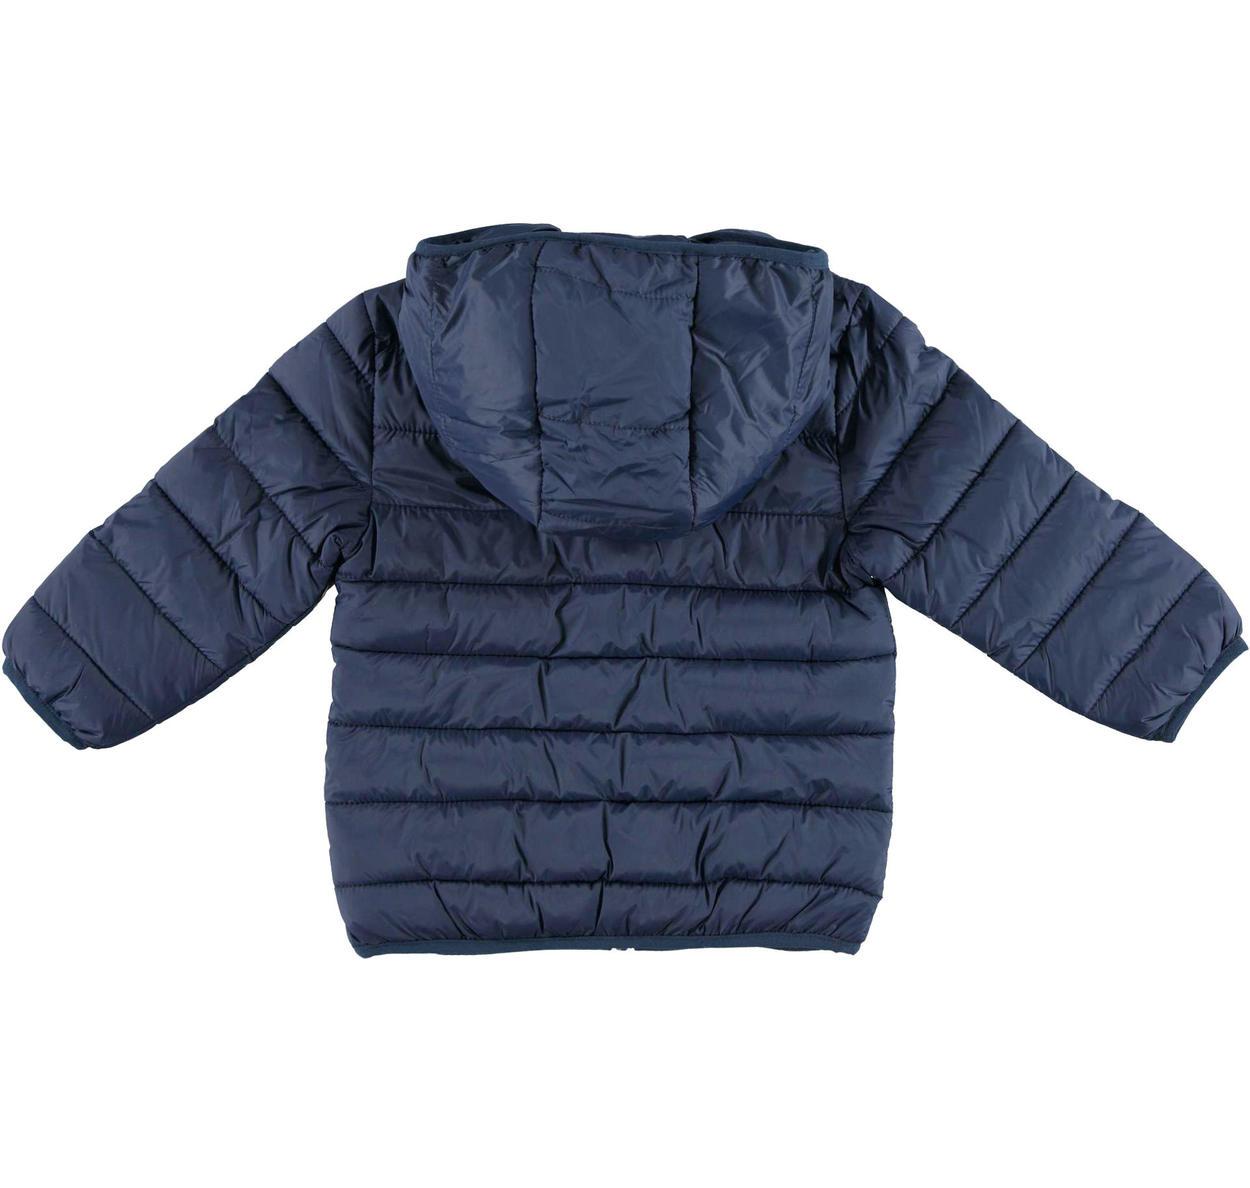 Piumino modello 100 grammi in ovatta con cappuccio per bambino da 6 mesi a 7 anni Sarabanda